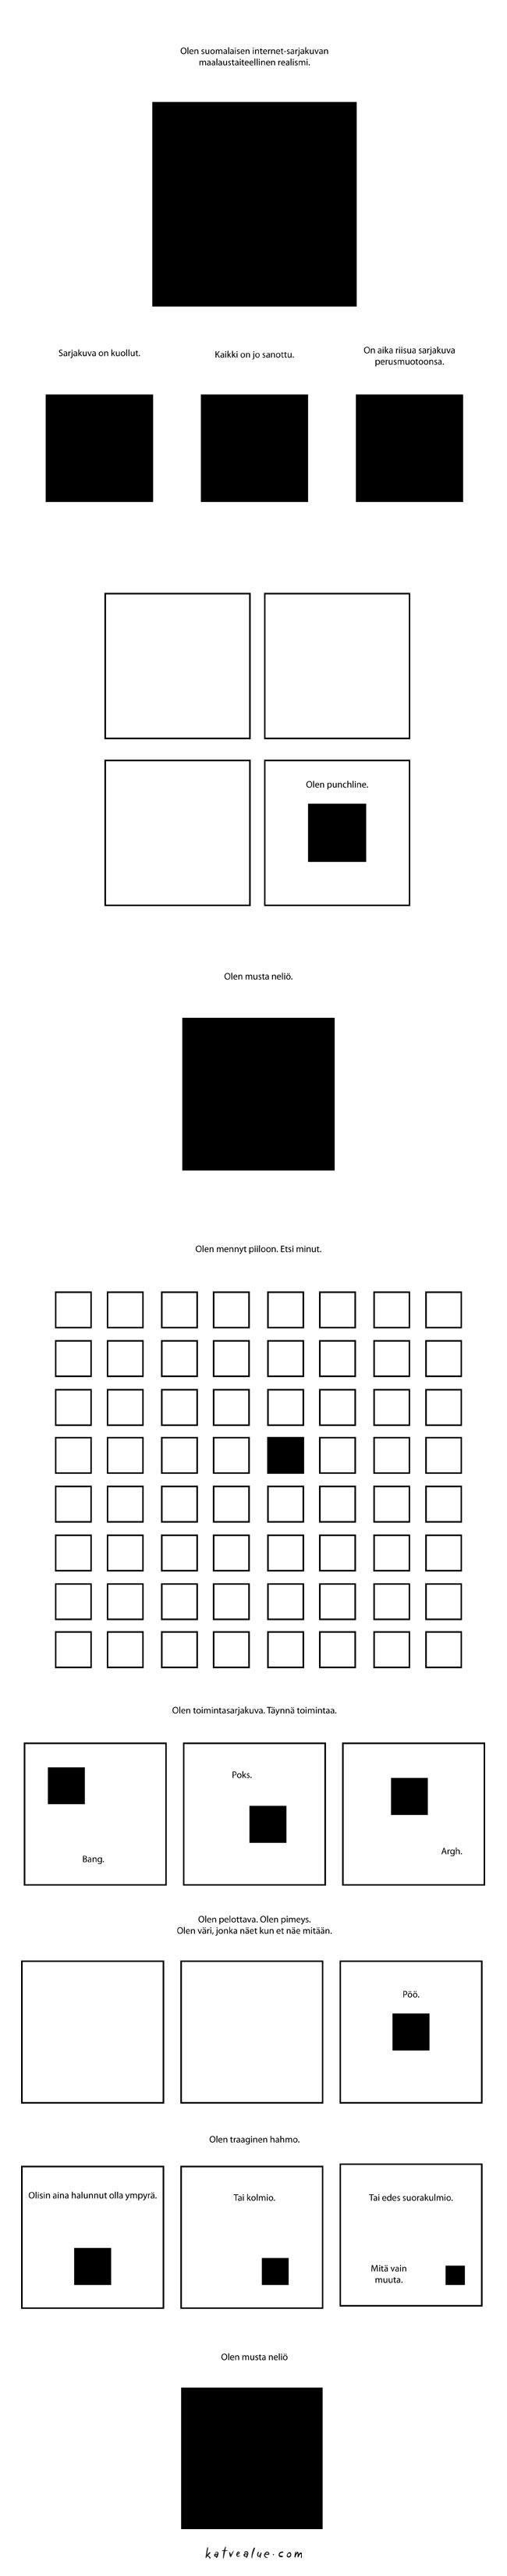 Oikea vastaus on: Neljännen vaakarivin viides neliö.